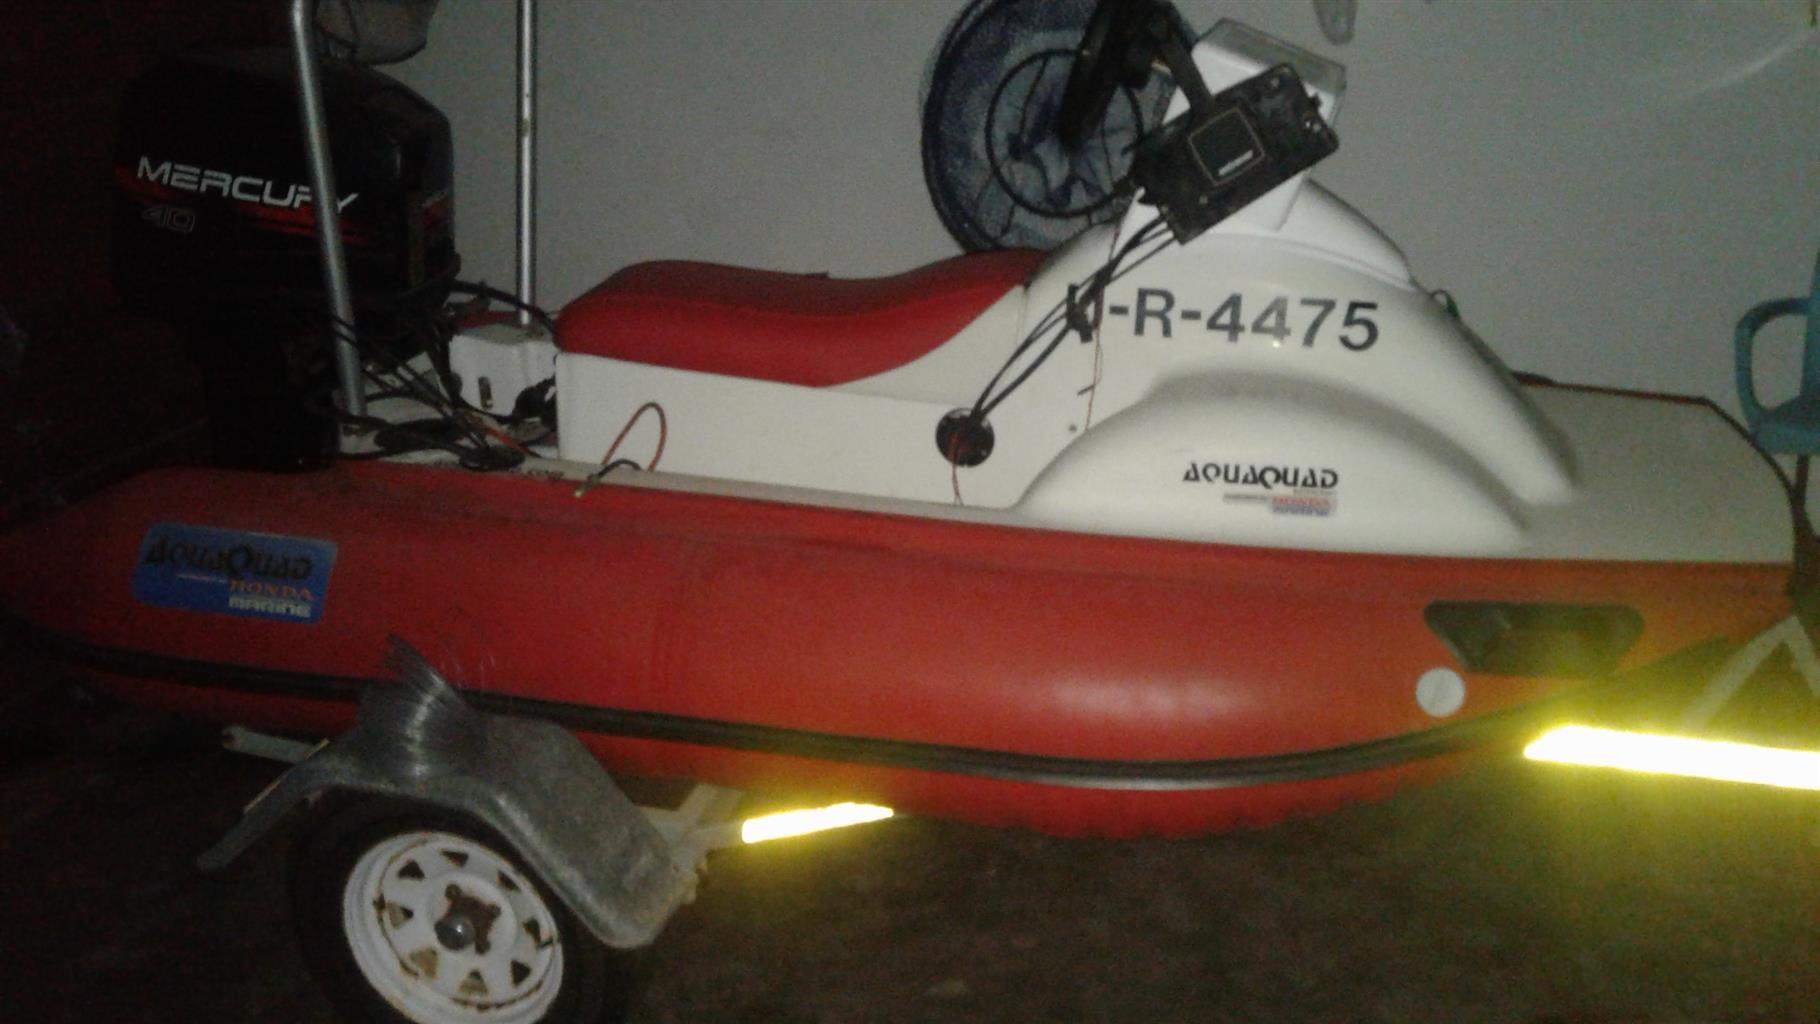 Aqua Quad Fishing boat with a 40 mercury motor